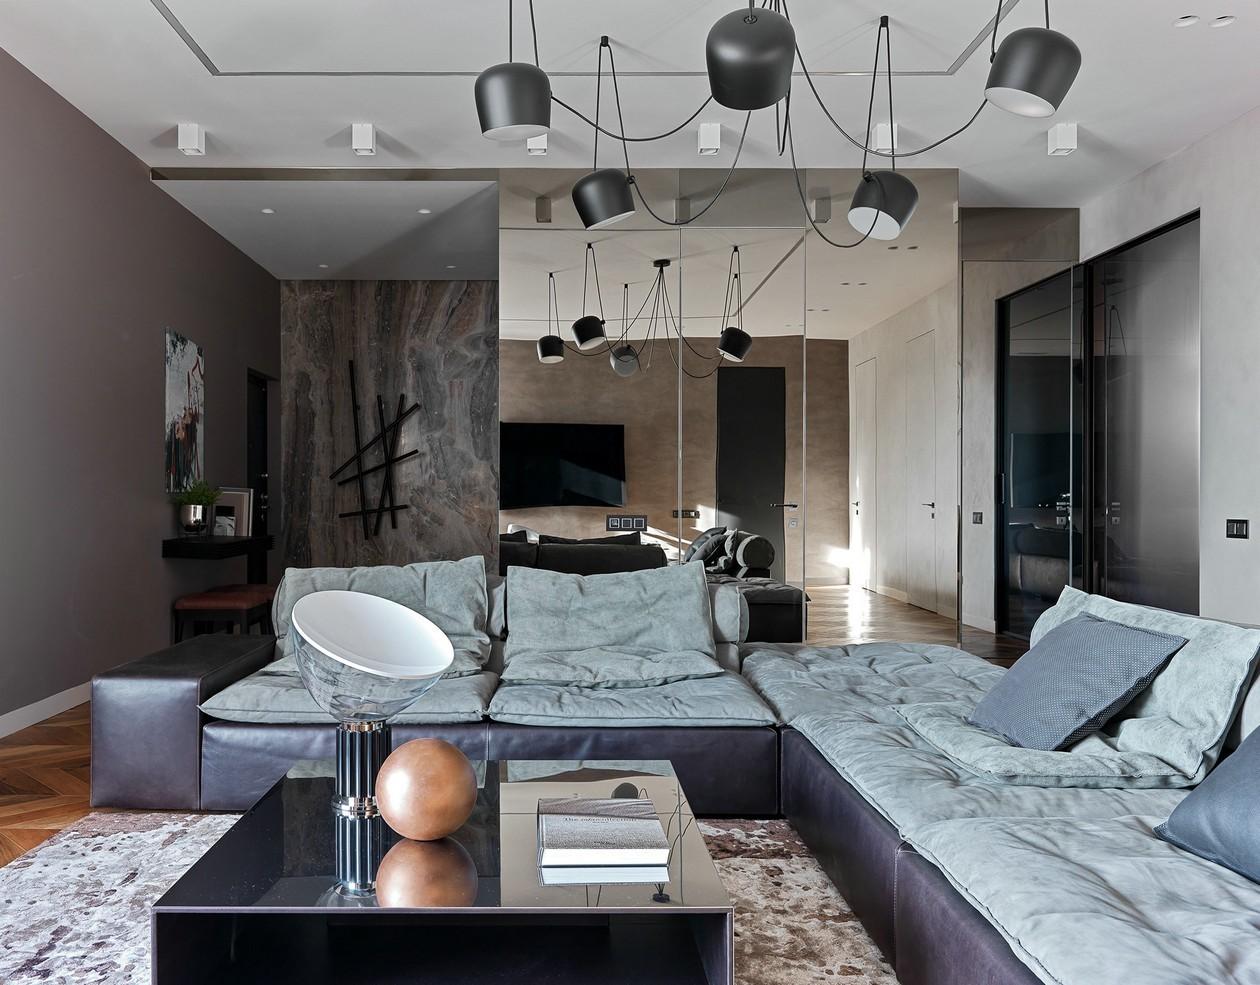 2021简约150平米效果图 2021简约公寓装修设计